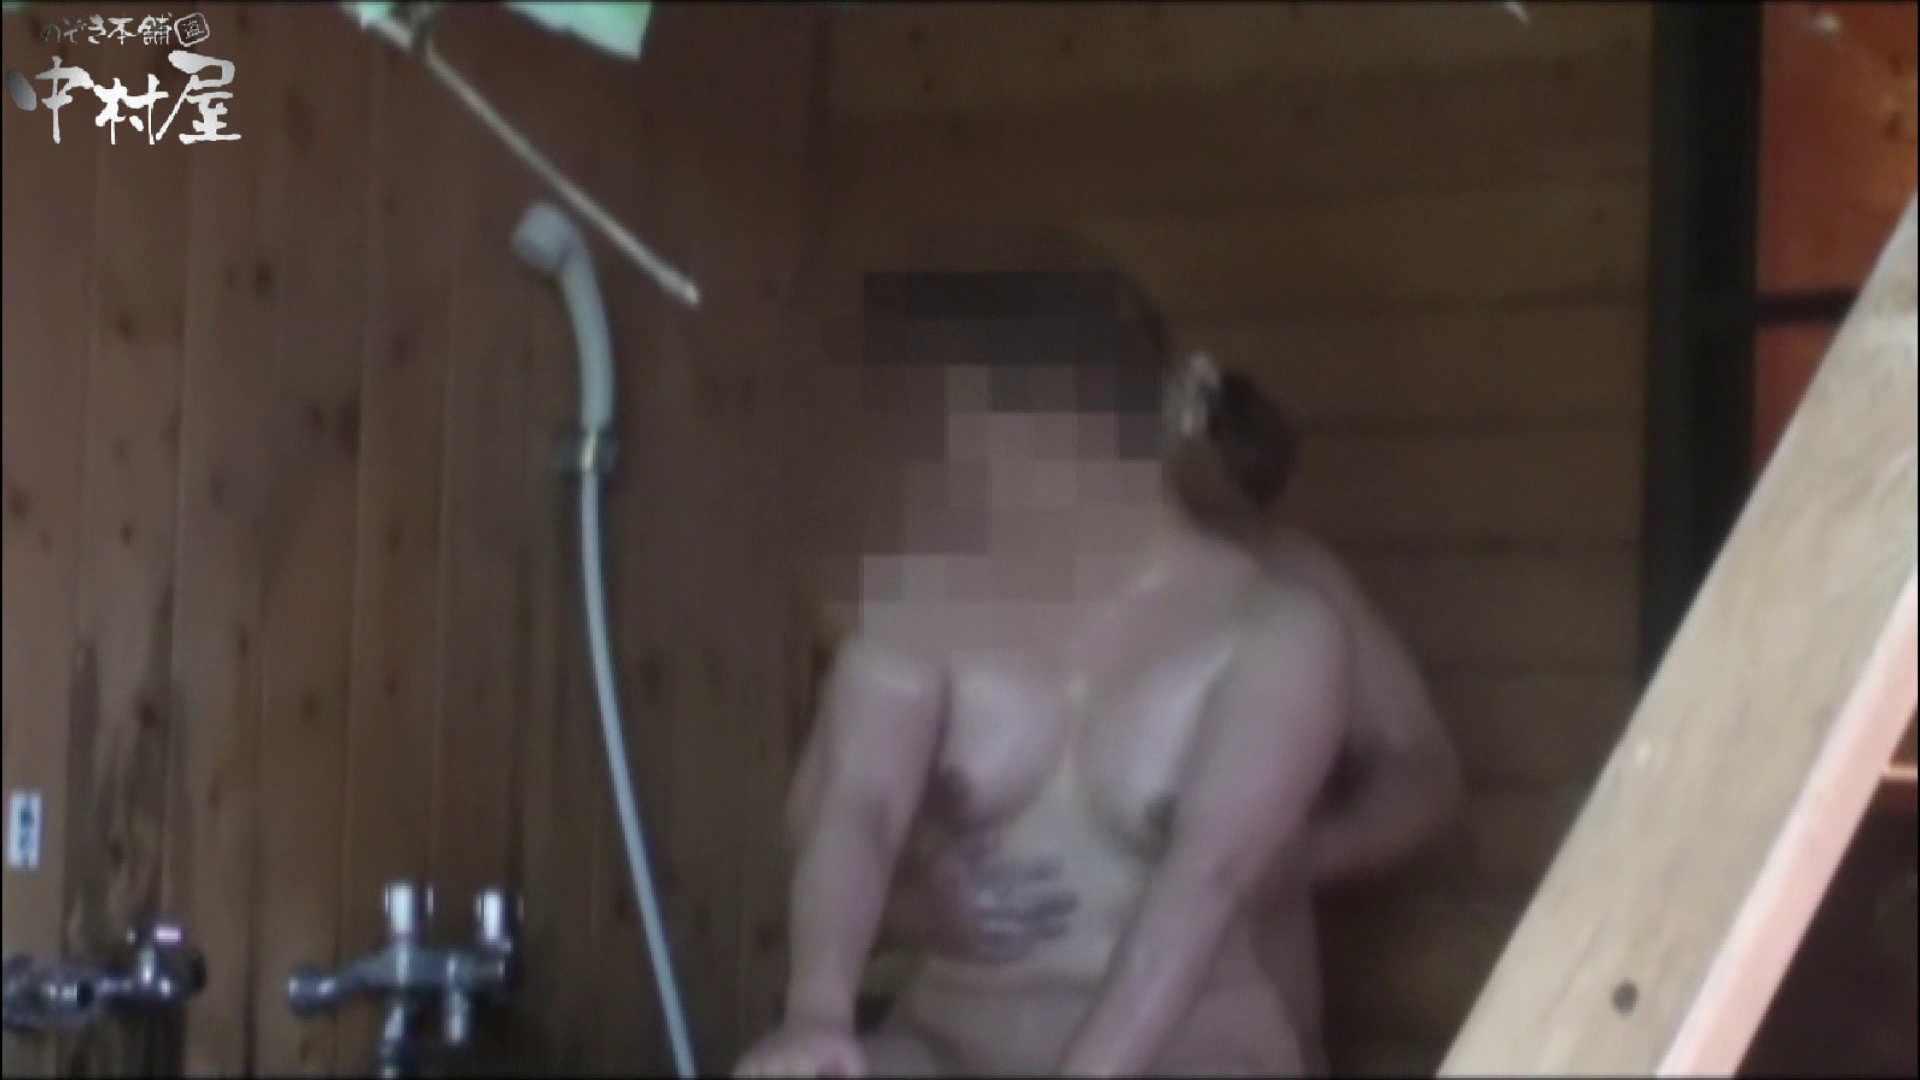 貸切露天 発情カップル! vol.03 入浴 盗撮動画紹介 110PIX 82